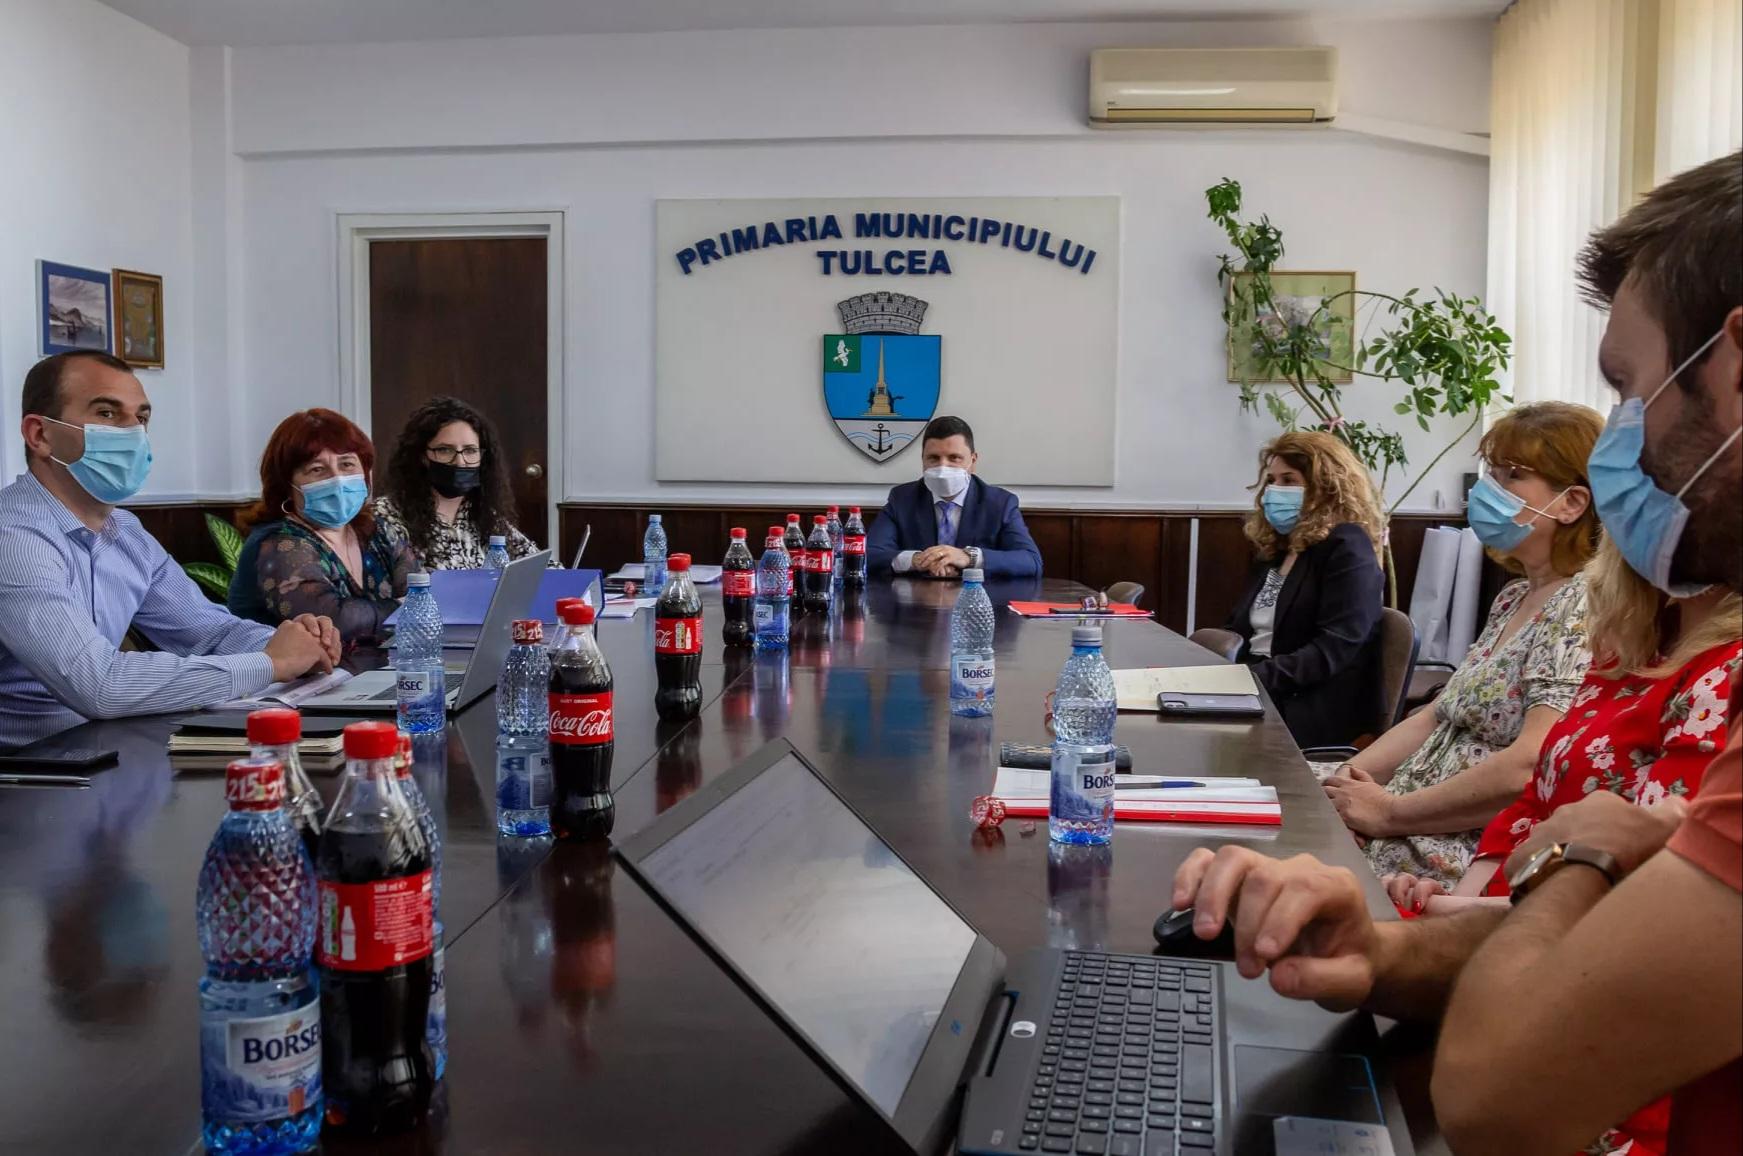 Un alt proiect româno-ucrainean implementat la Tulcea